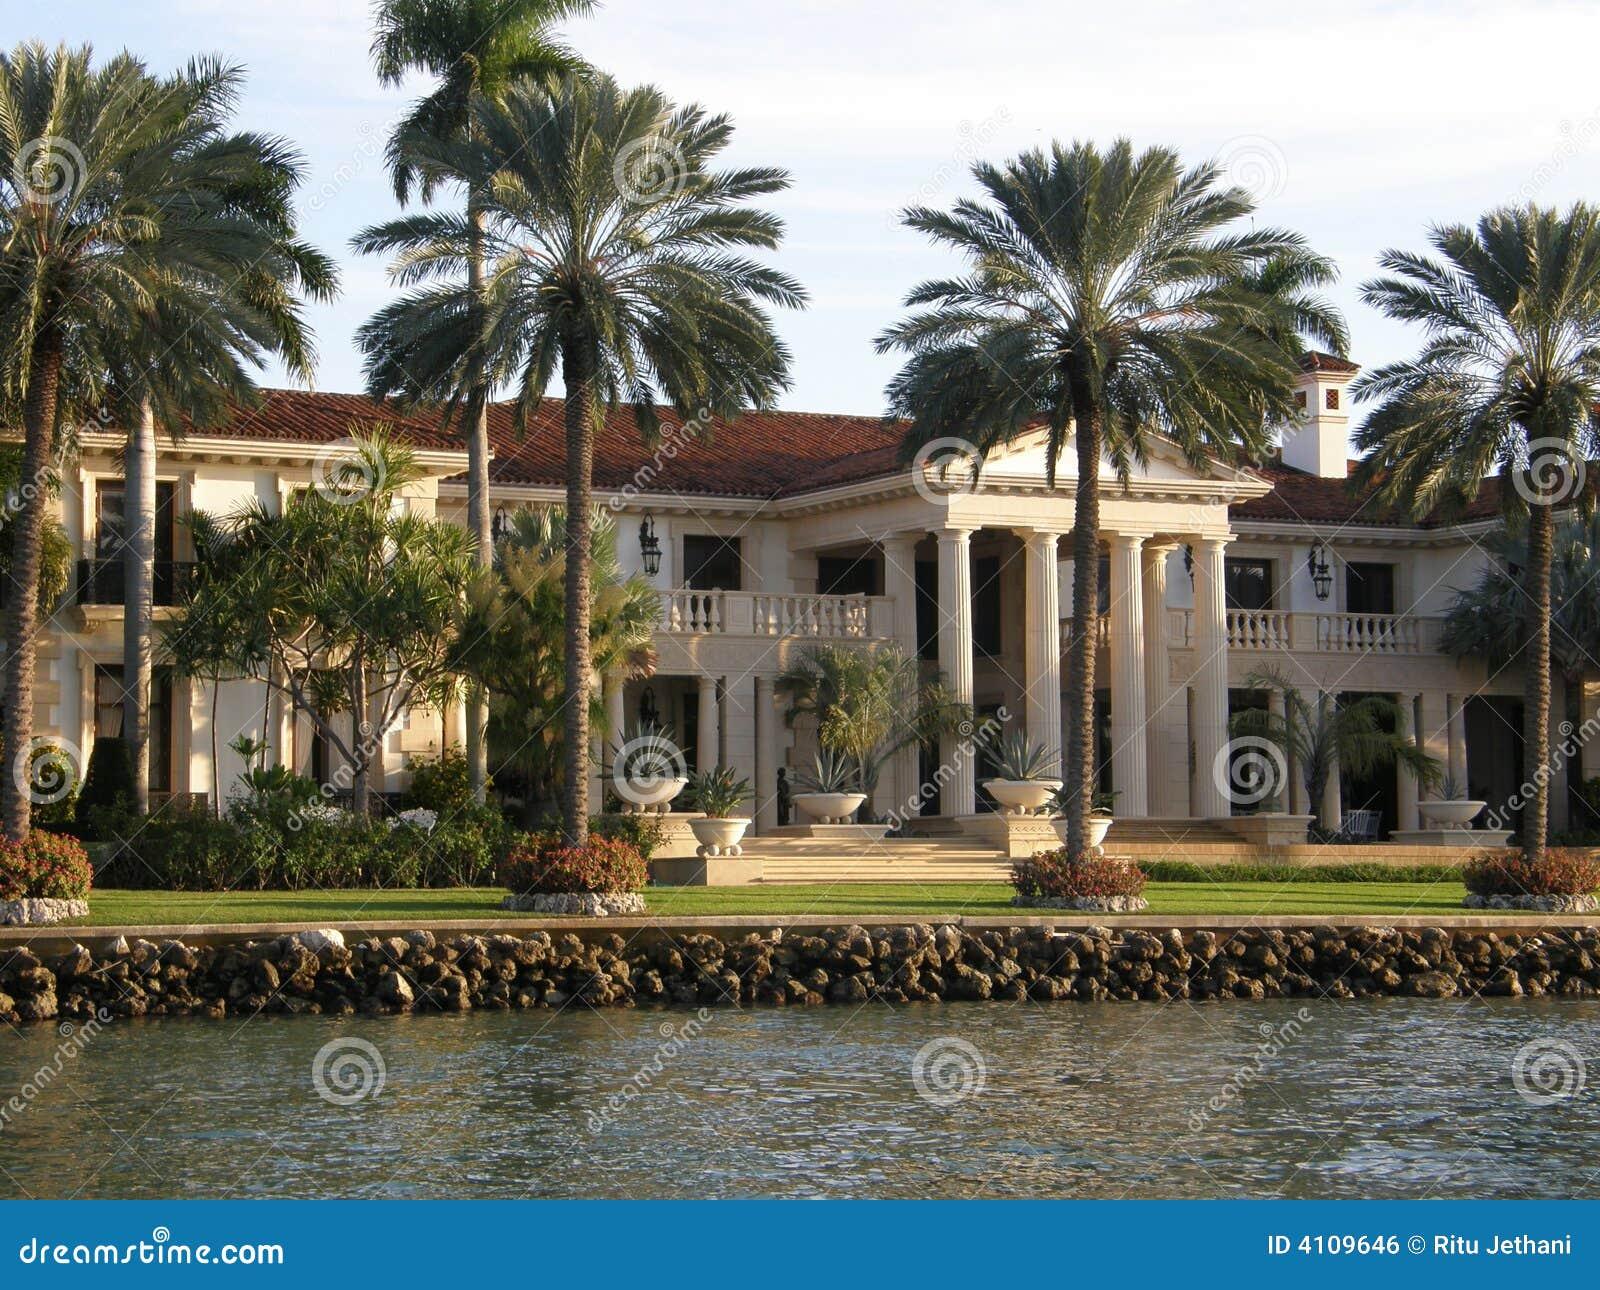 maison de luxe miami image libre de droits image 4109646